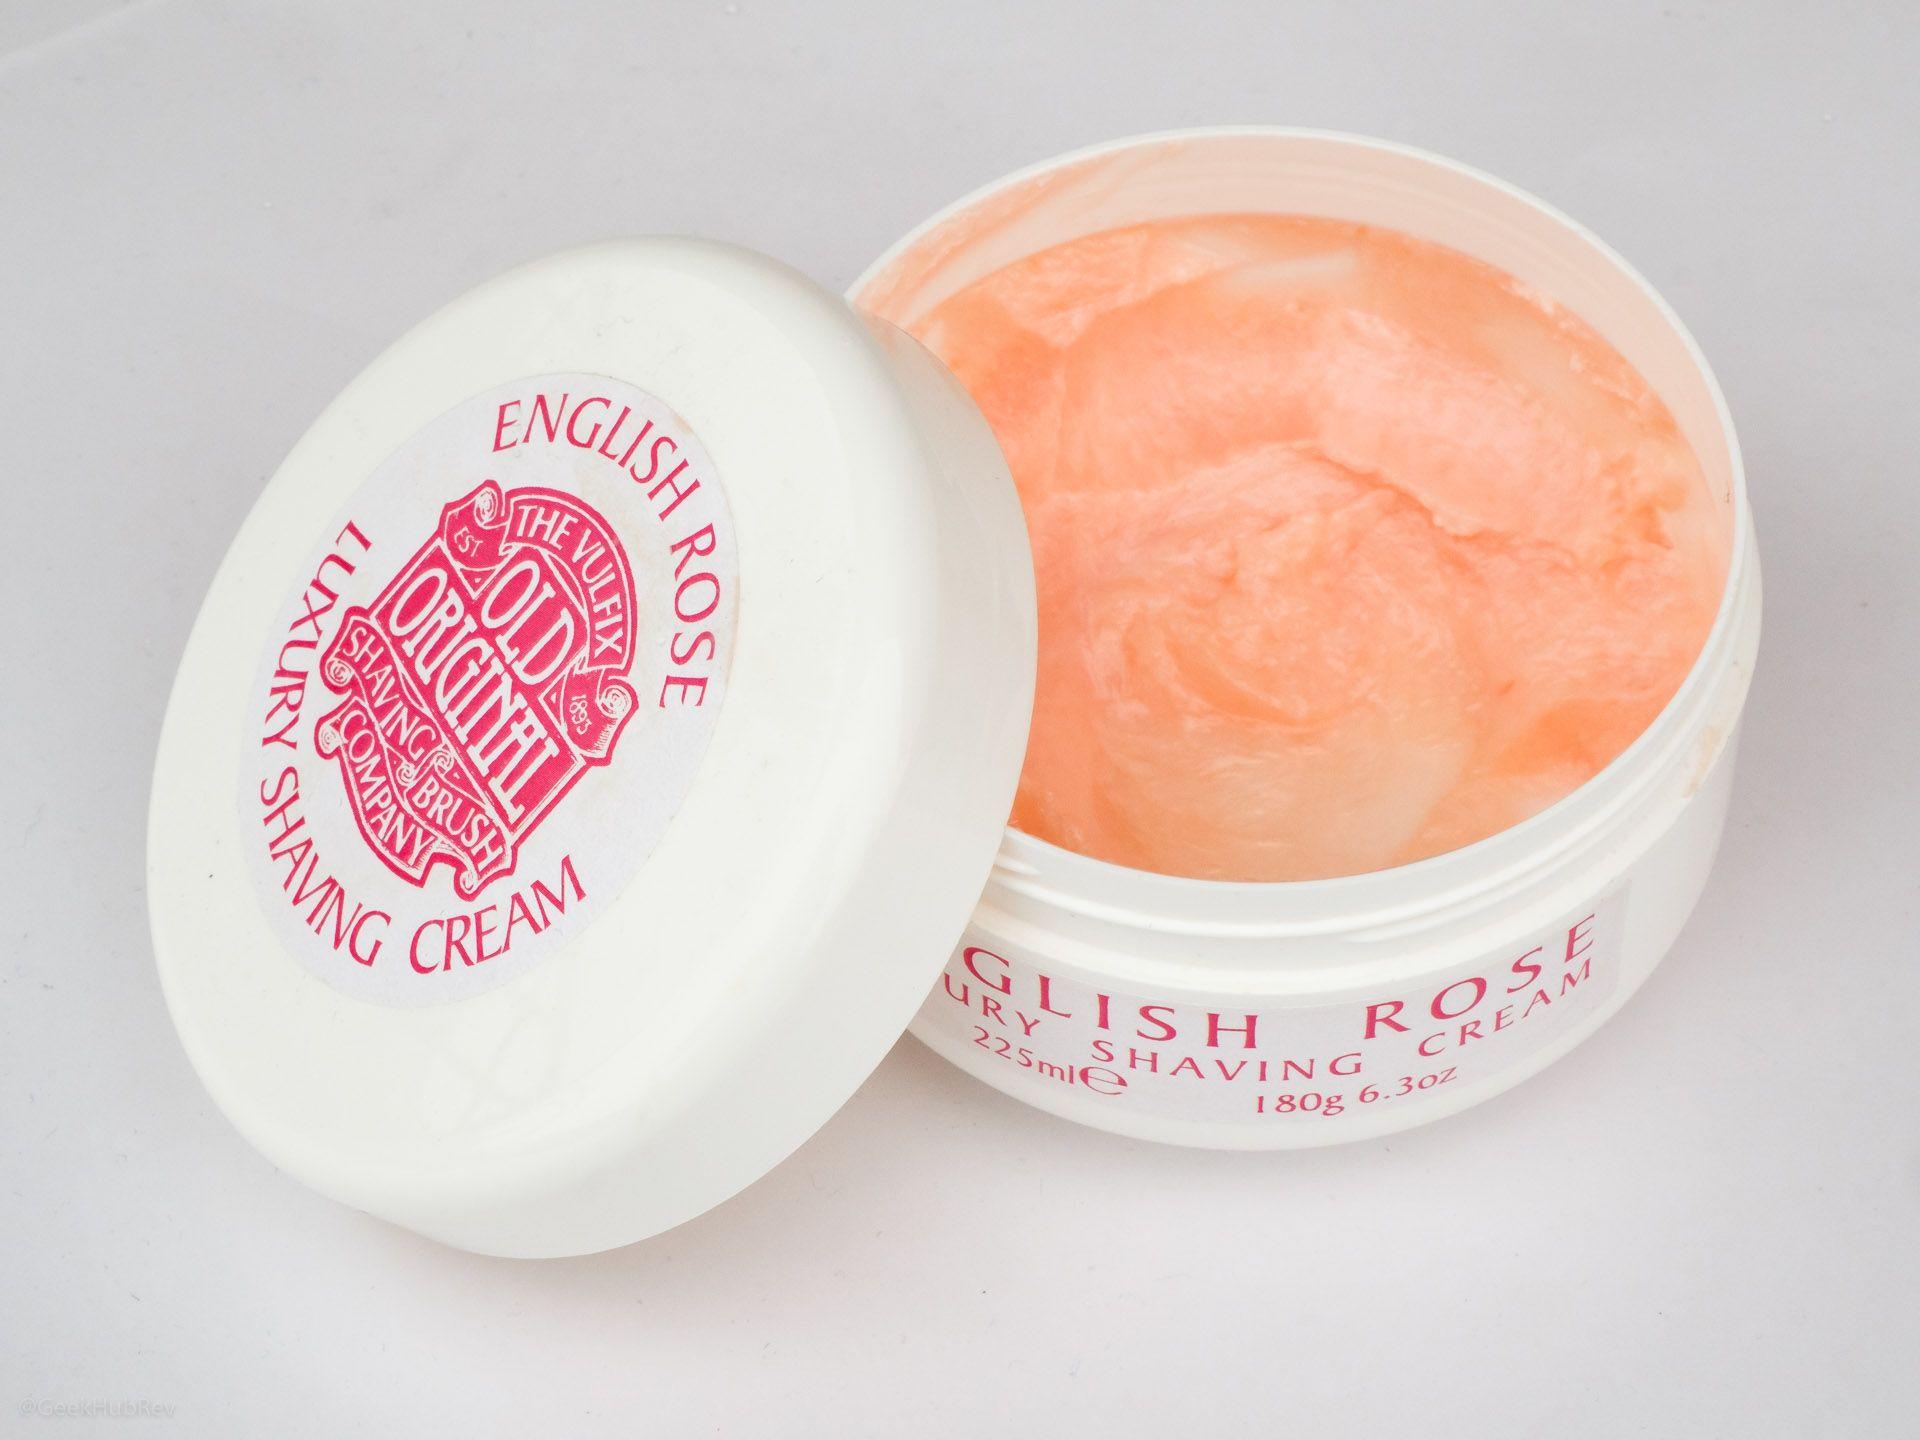 Konsystencja i wygląd kremu do golenia Vulfix English Rose Shaving Cream